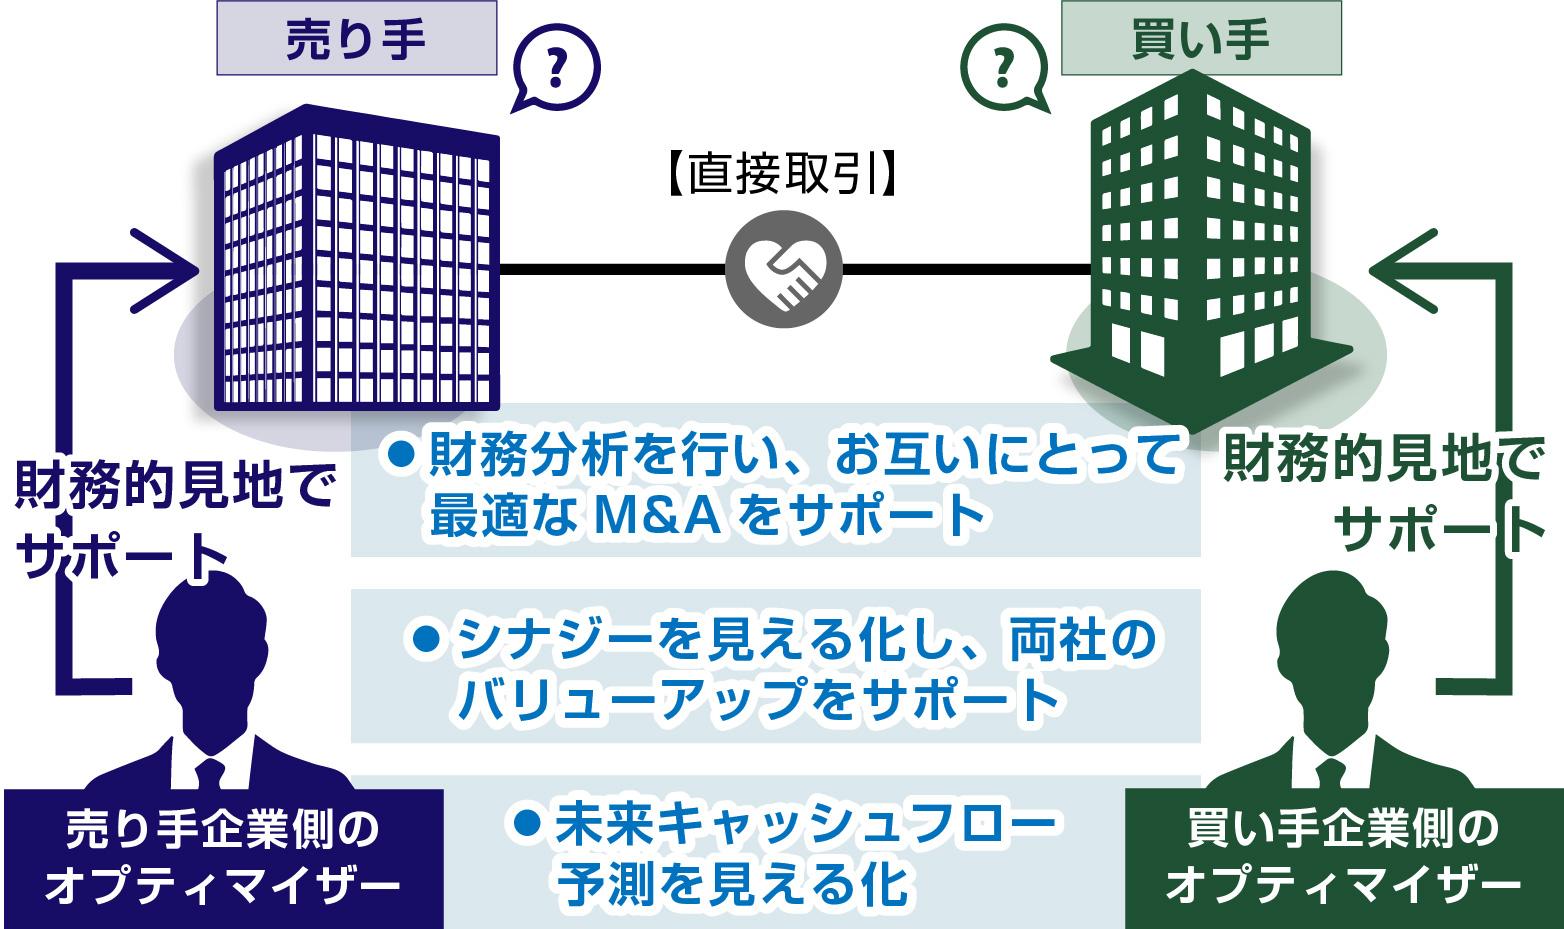 直截交渉におけるM&Aオプティマイザーの役割を表した図